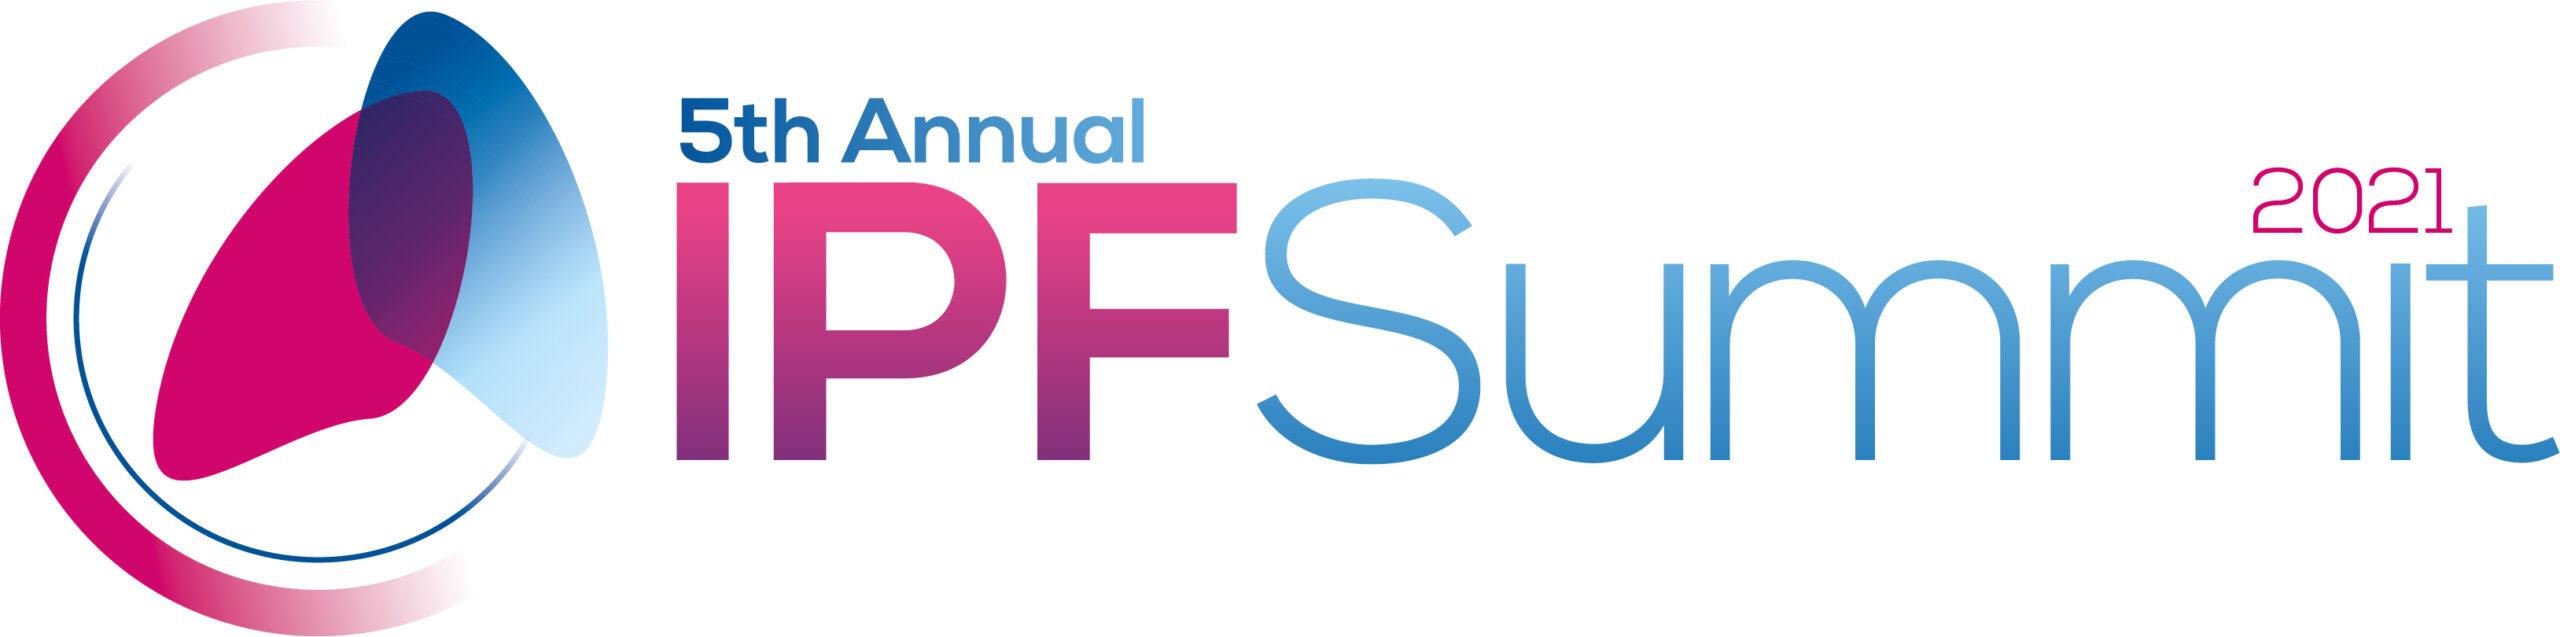 HW210107 5th IPF Summit 2021 logo